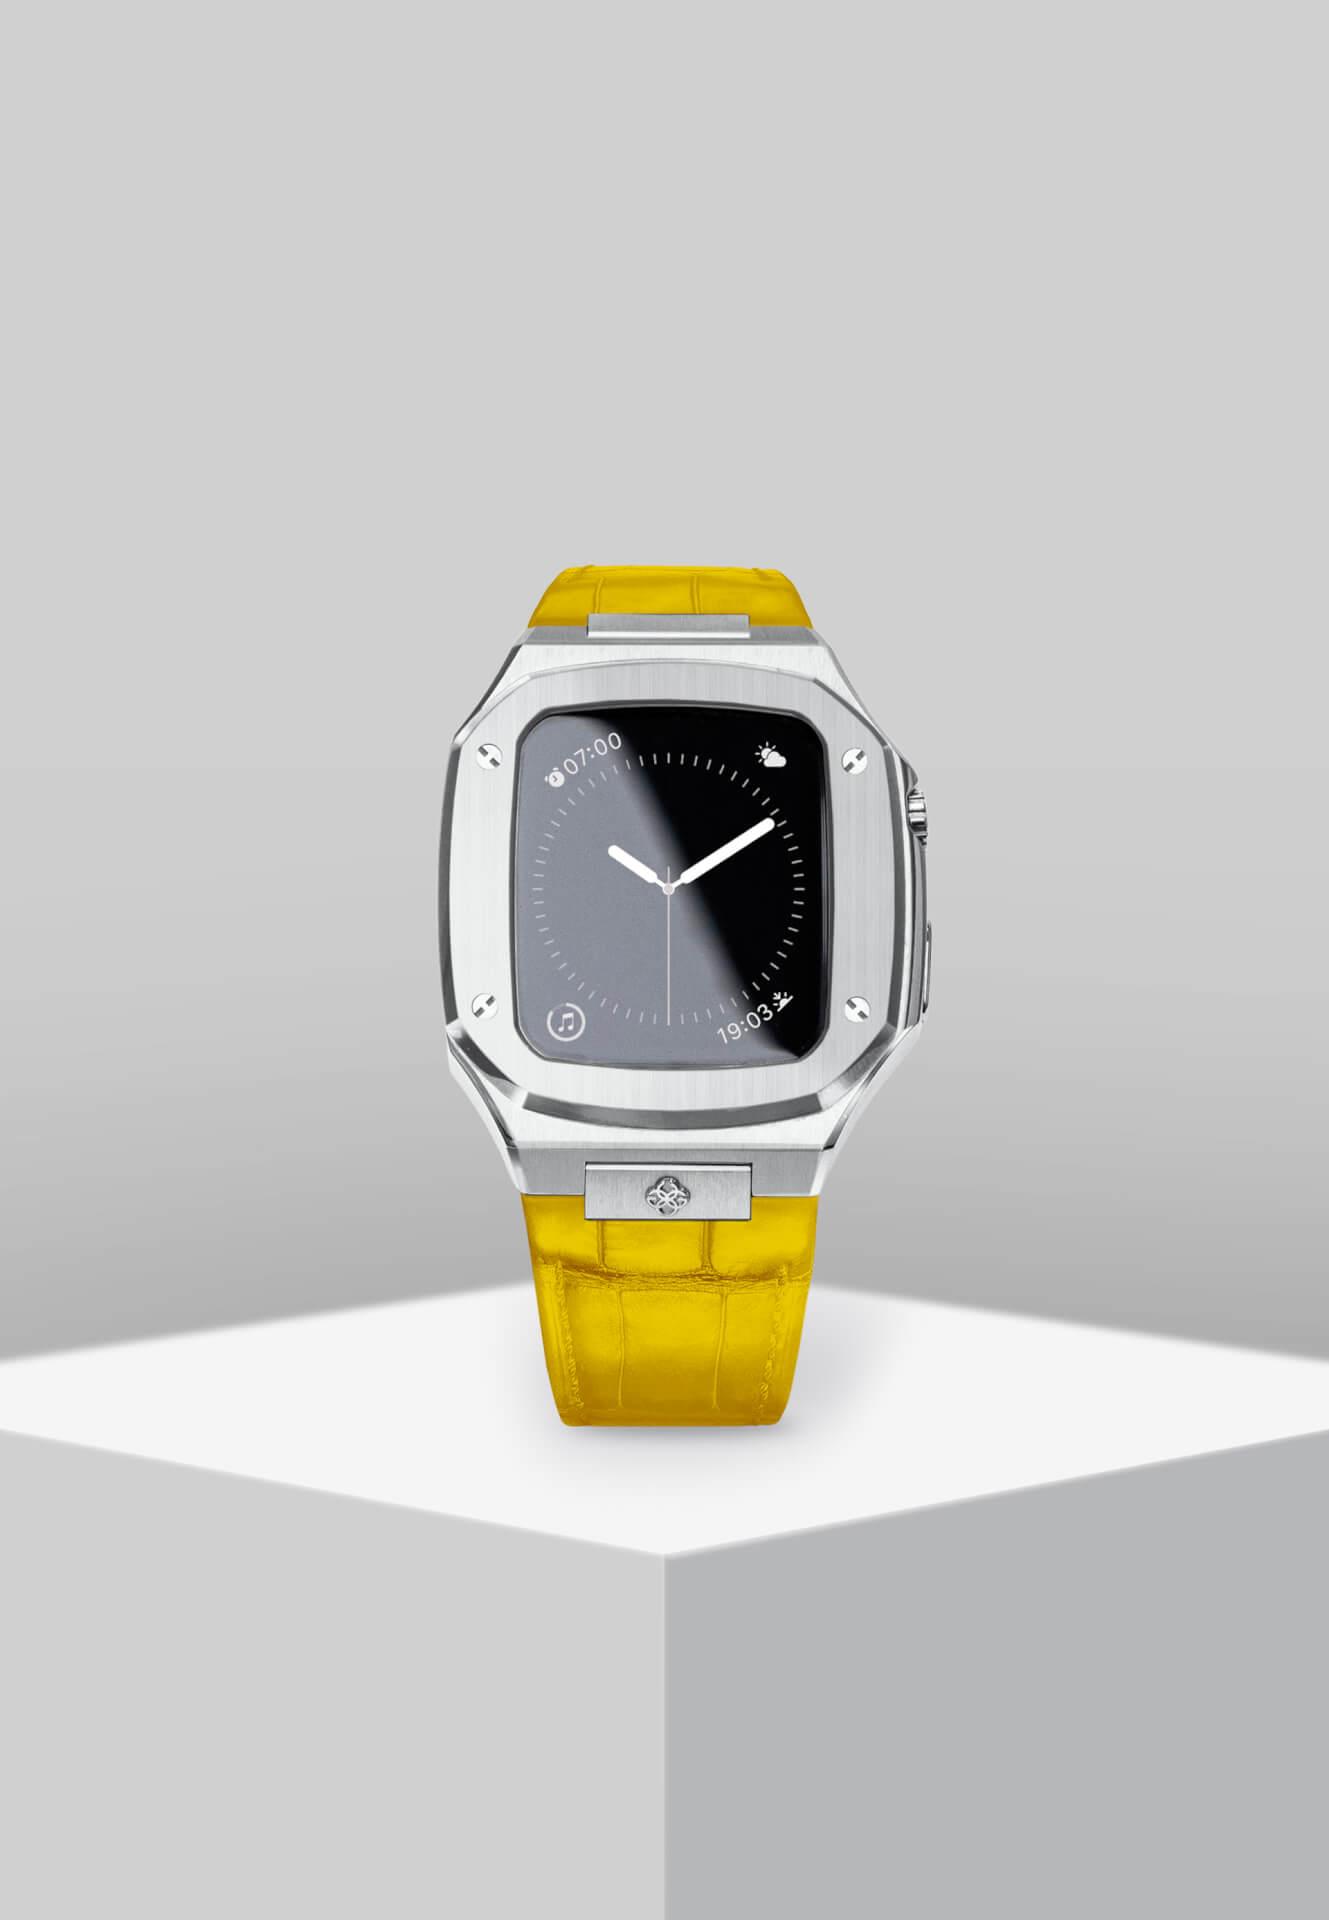 高級感漂うGOLDEN CONCEPTのApple Watchケースに待望の40mm用新コレクションが登場!ホワイト、イエローなどの新カラーがラインナップ tech201124_applewatch_case_6